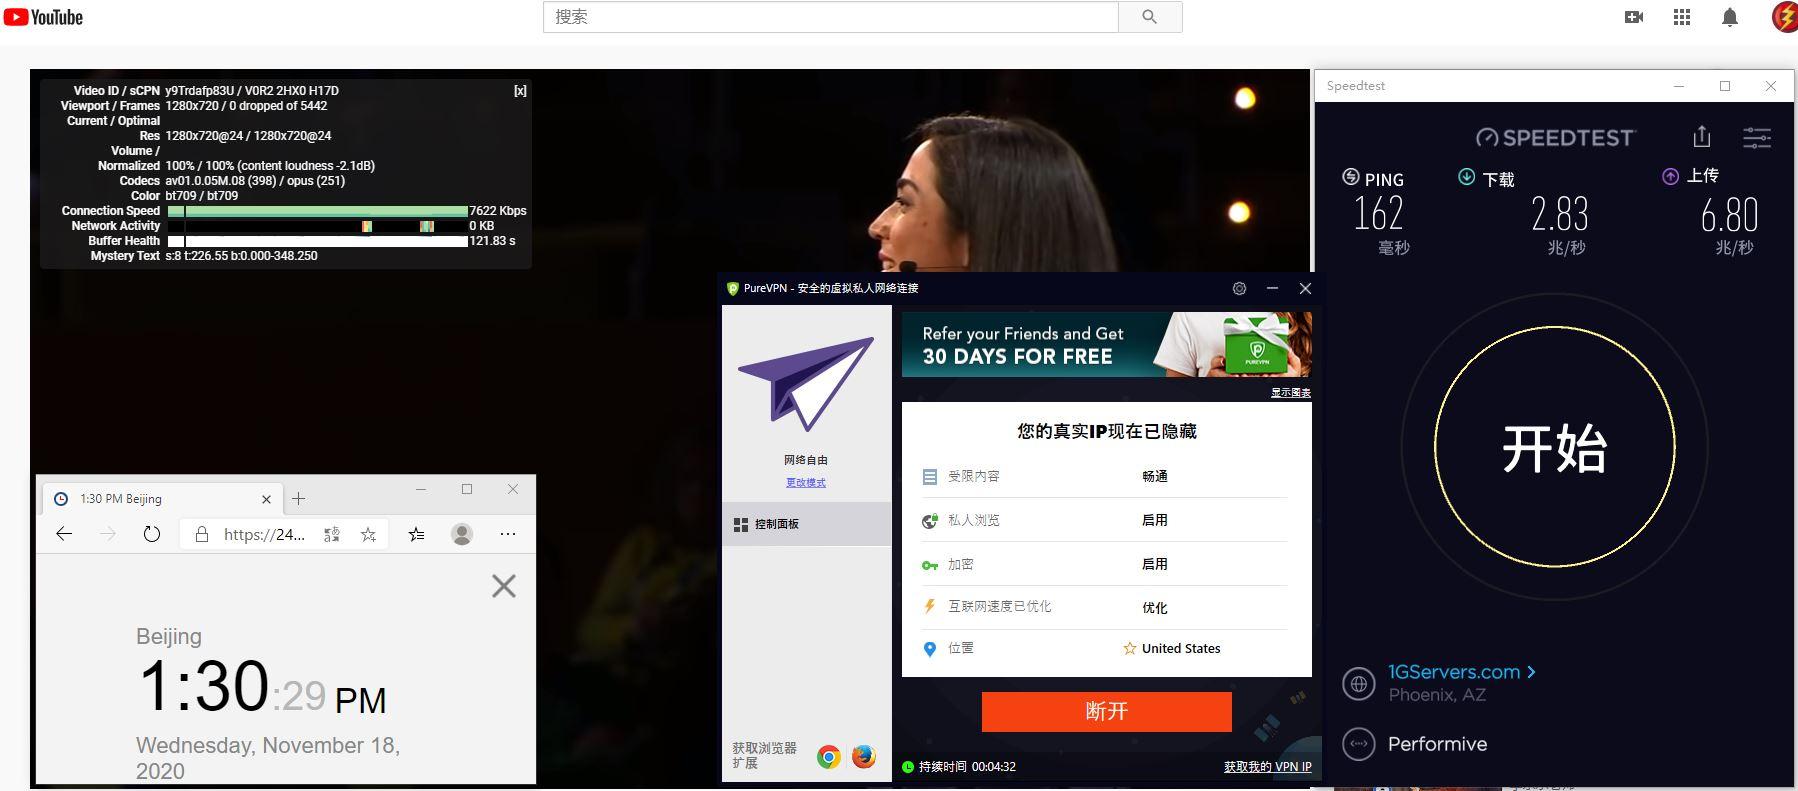 Windows10 PureVPN USA 服务器 中国VPN 翻墙 科学上网 测试 - 20201118